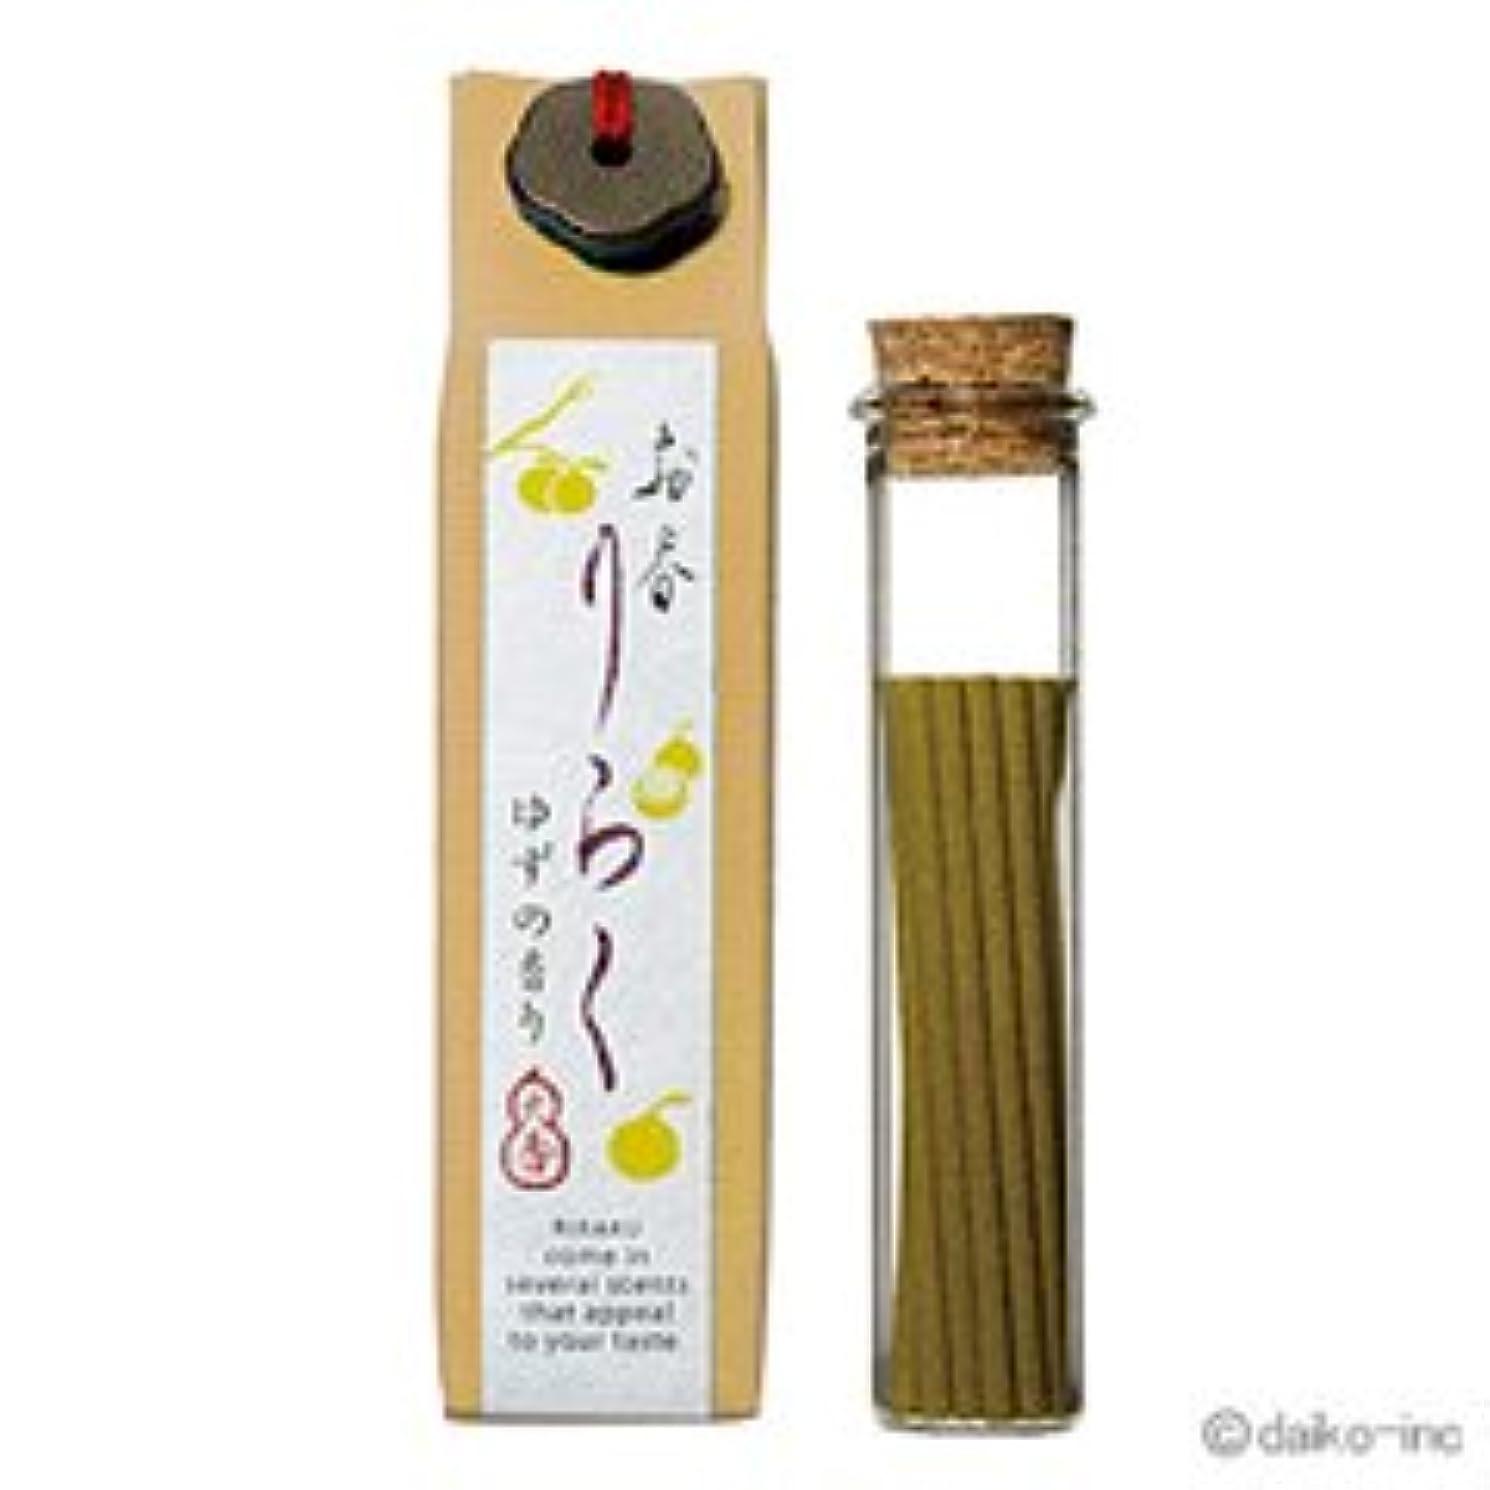 【大香】お香 りらく ゆず 15本入